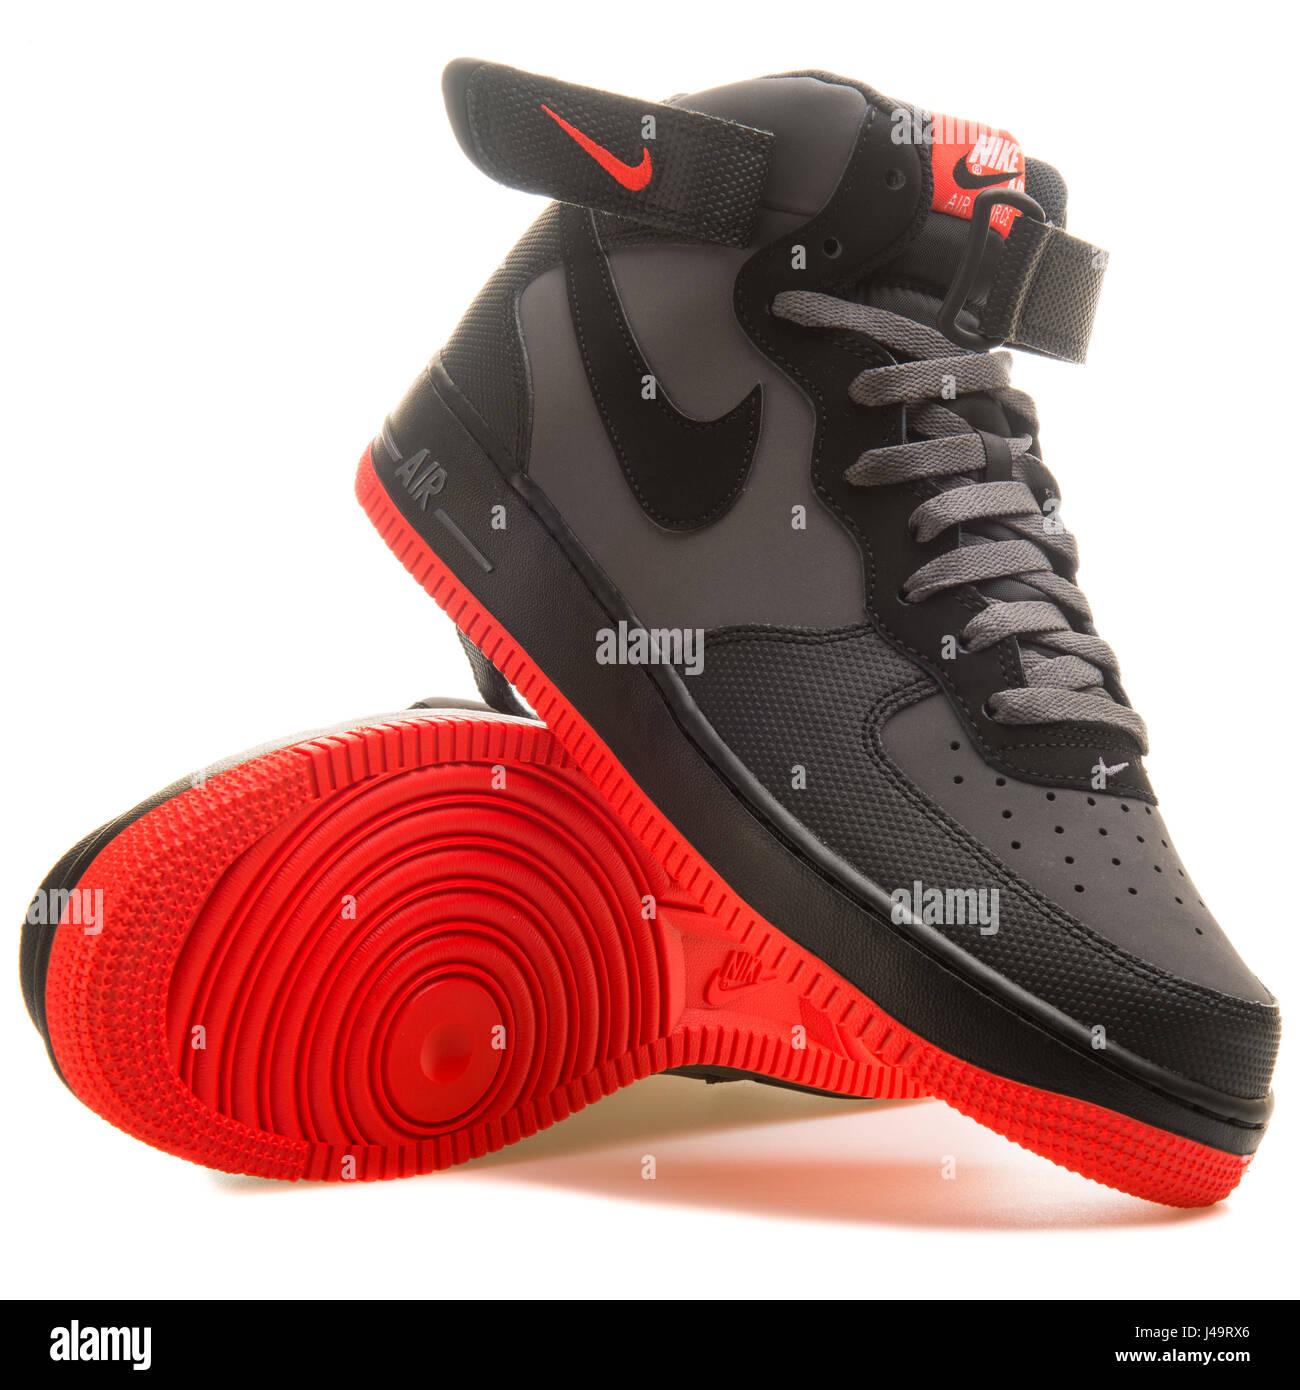 '07 Nike Mid Alamy Force Photo140357902 Air 315123 031 Stock 1 QdCshxtr